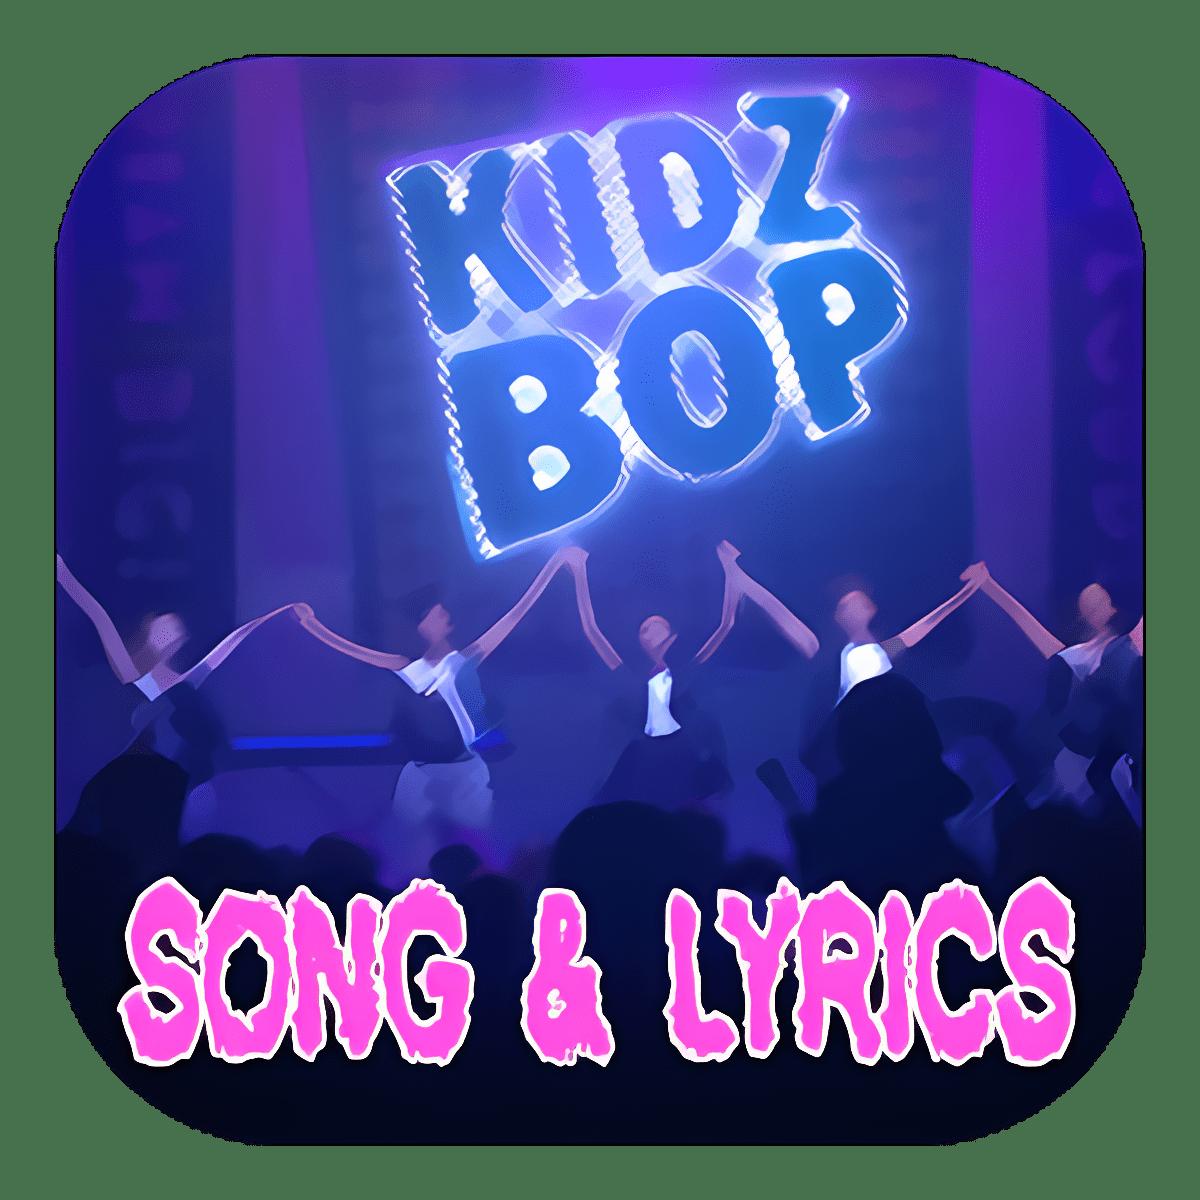 Kidz Bop Top Music and Lyrics